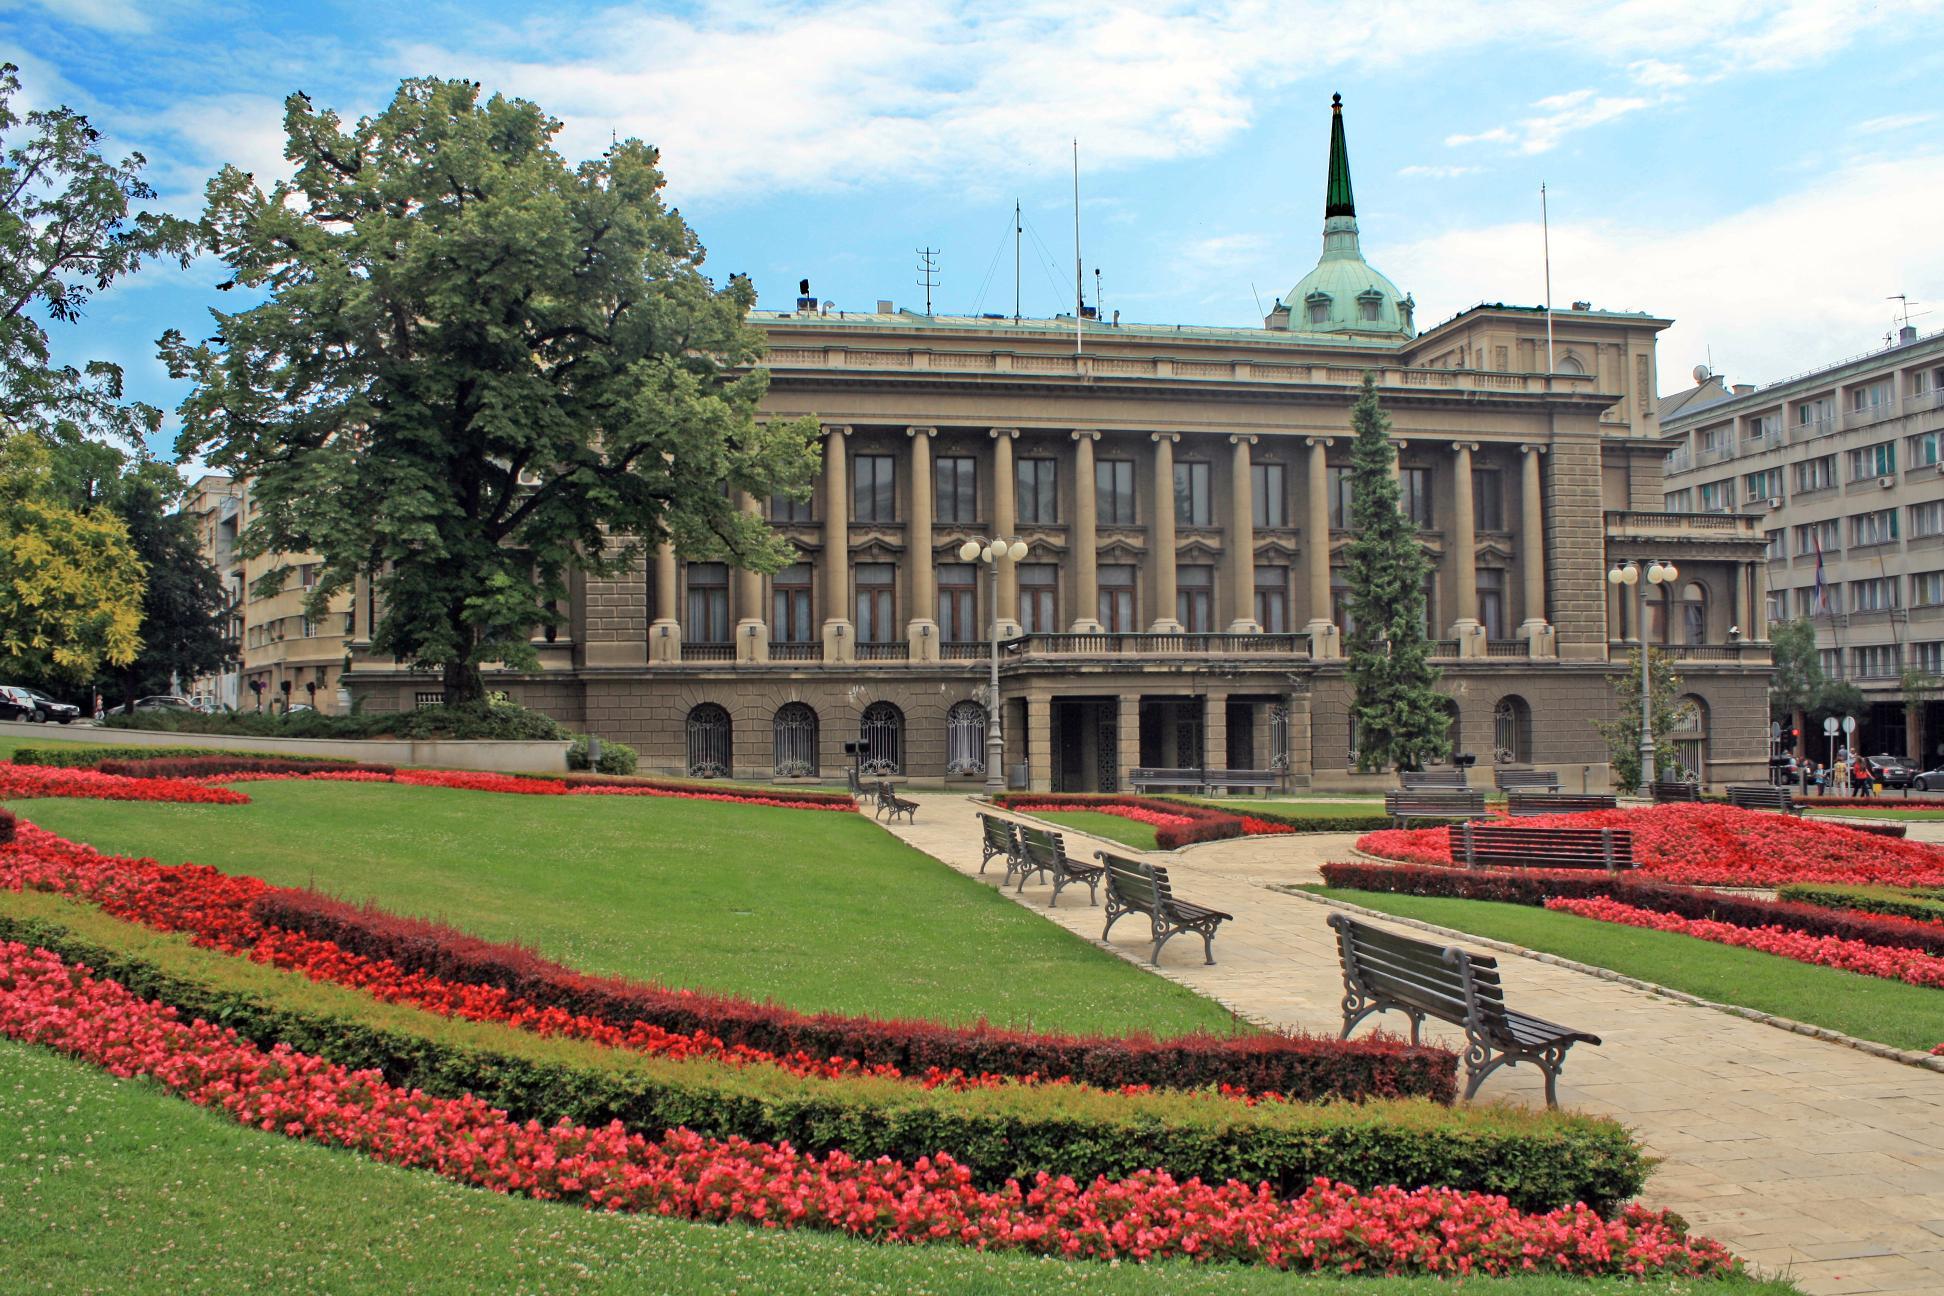 Új Palota (Forrás: www.wikimedia.org)